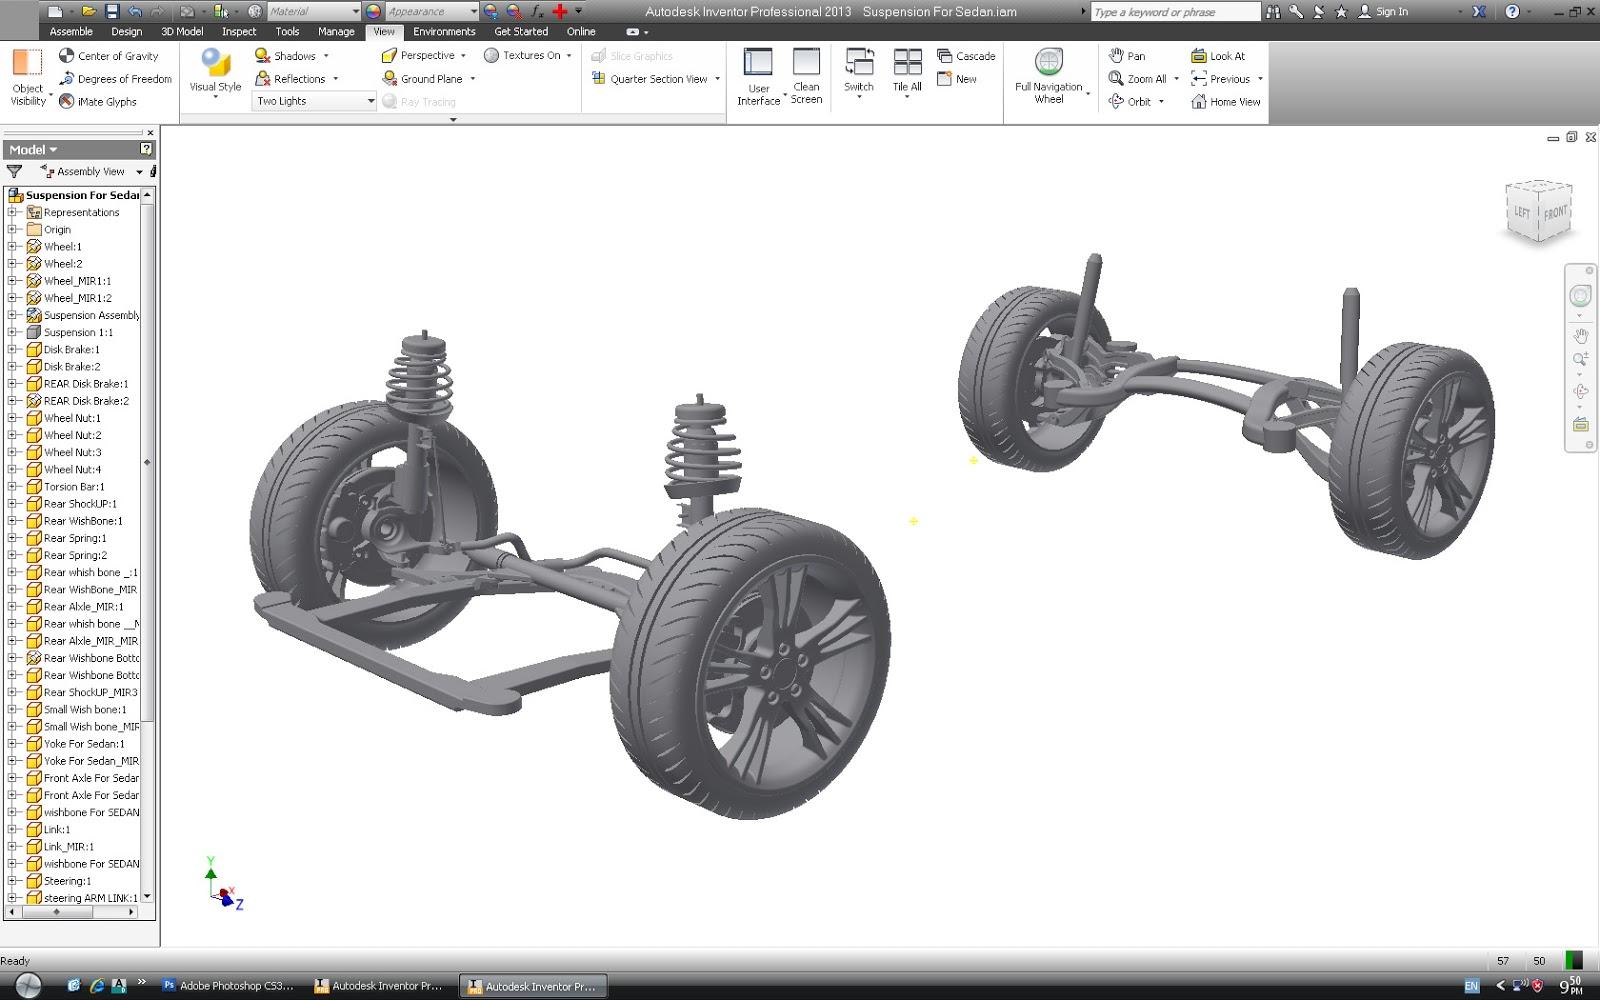 สอนการใช้งานโปรแกรม Autodesk Inventor , Autodesk 3ds-Max